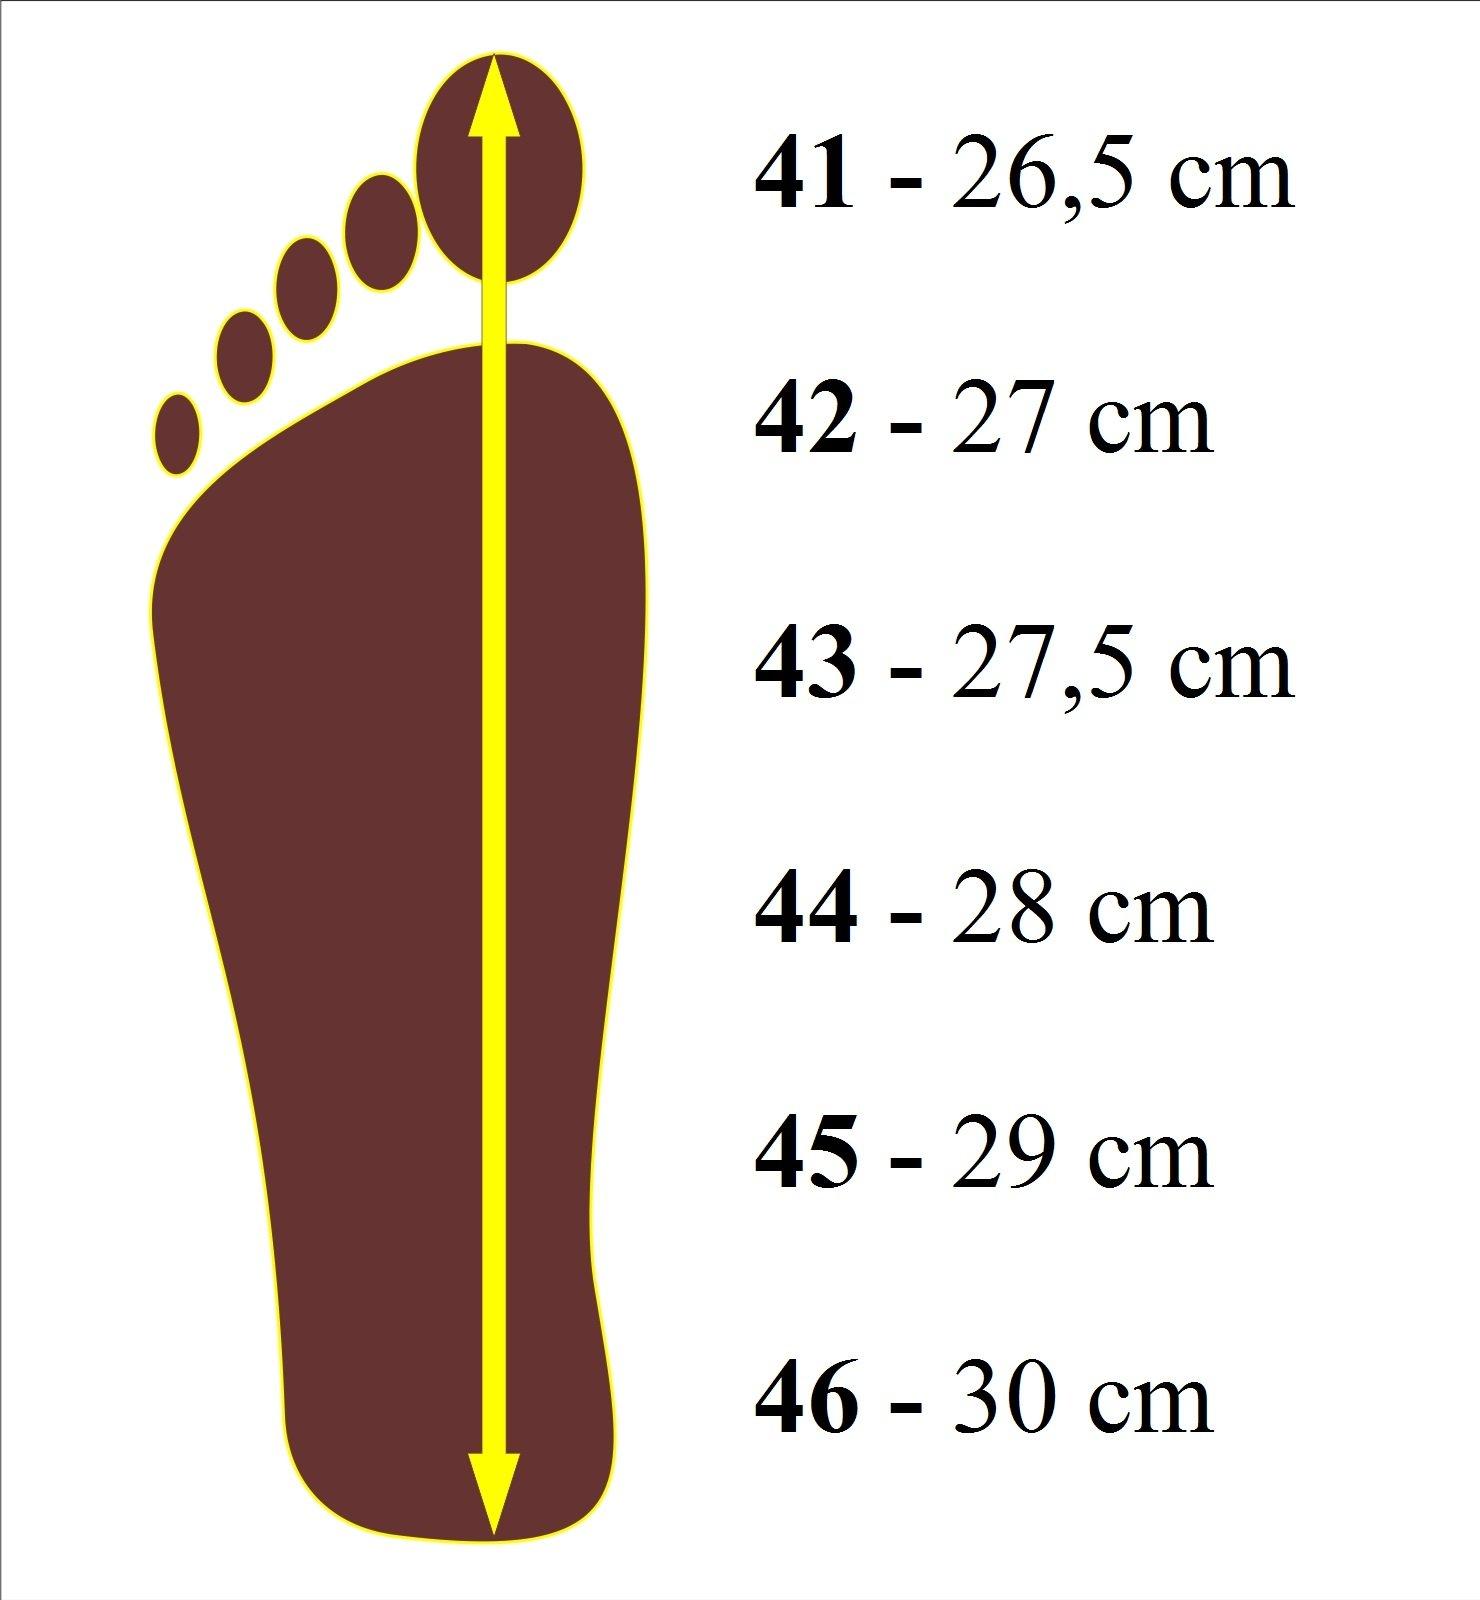 Filzpantoffeln Hausschuhe aus Filz mit Gummisohle Filzlatschen Soft für Herren Gitter Braun Dunkelblau Grau Apreggio (45, Braun)